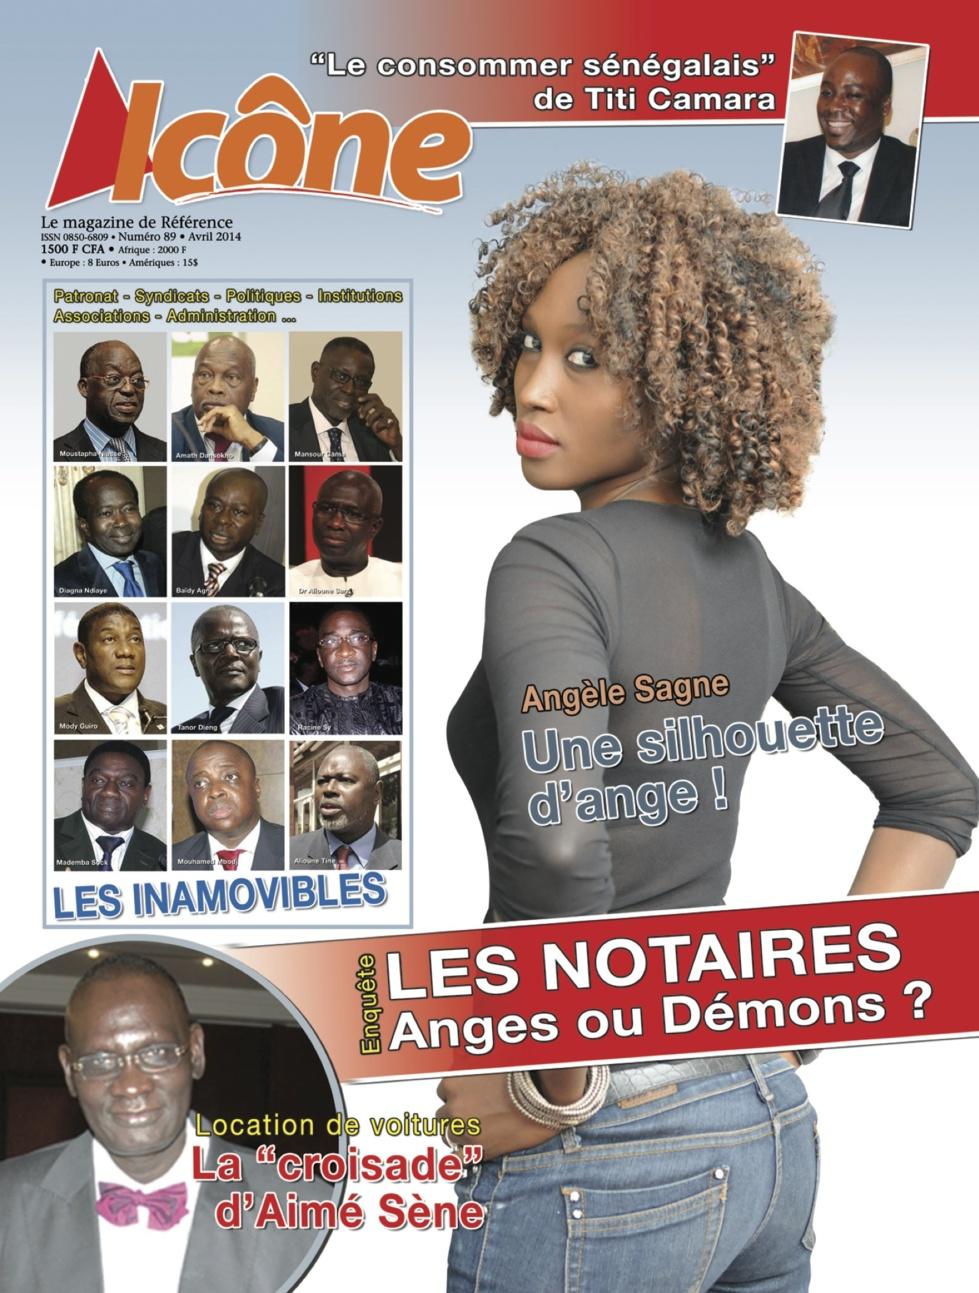 Voici la couverture de votre magazine ICONE n°89 ( Avril)